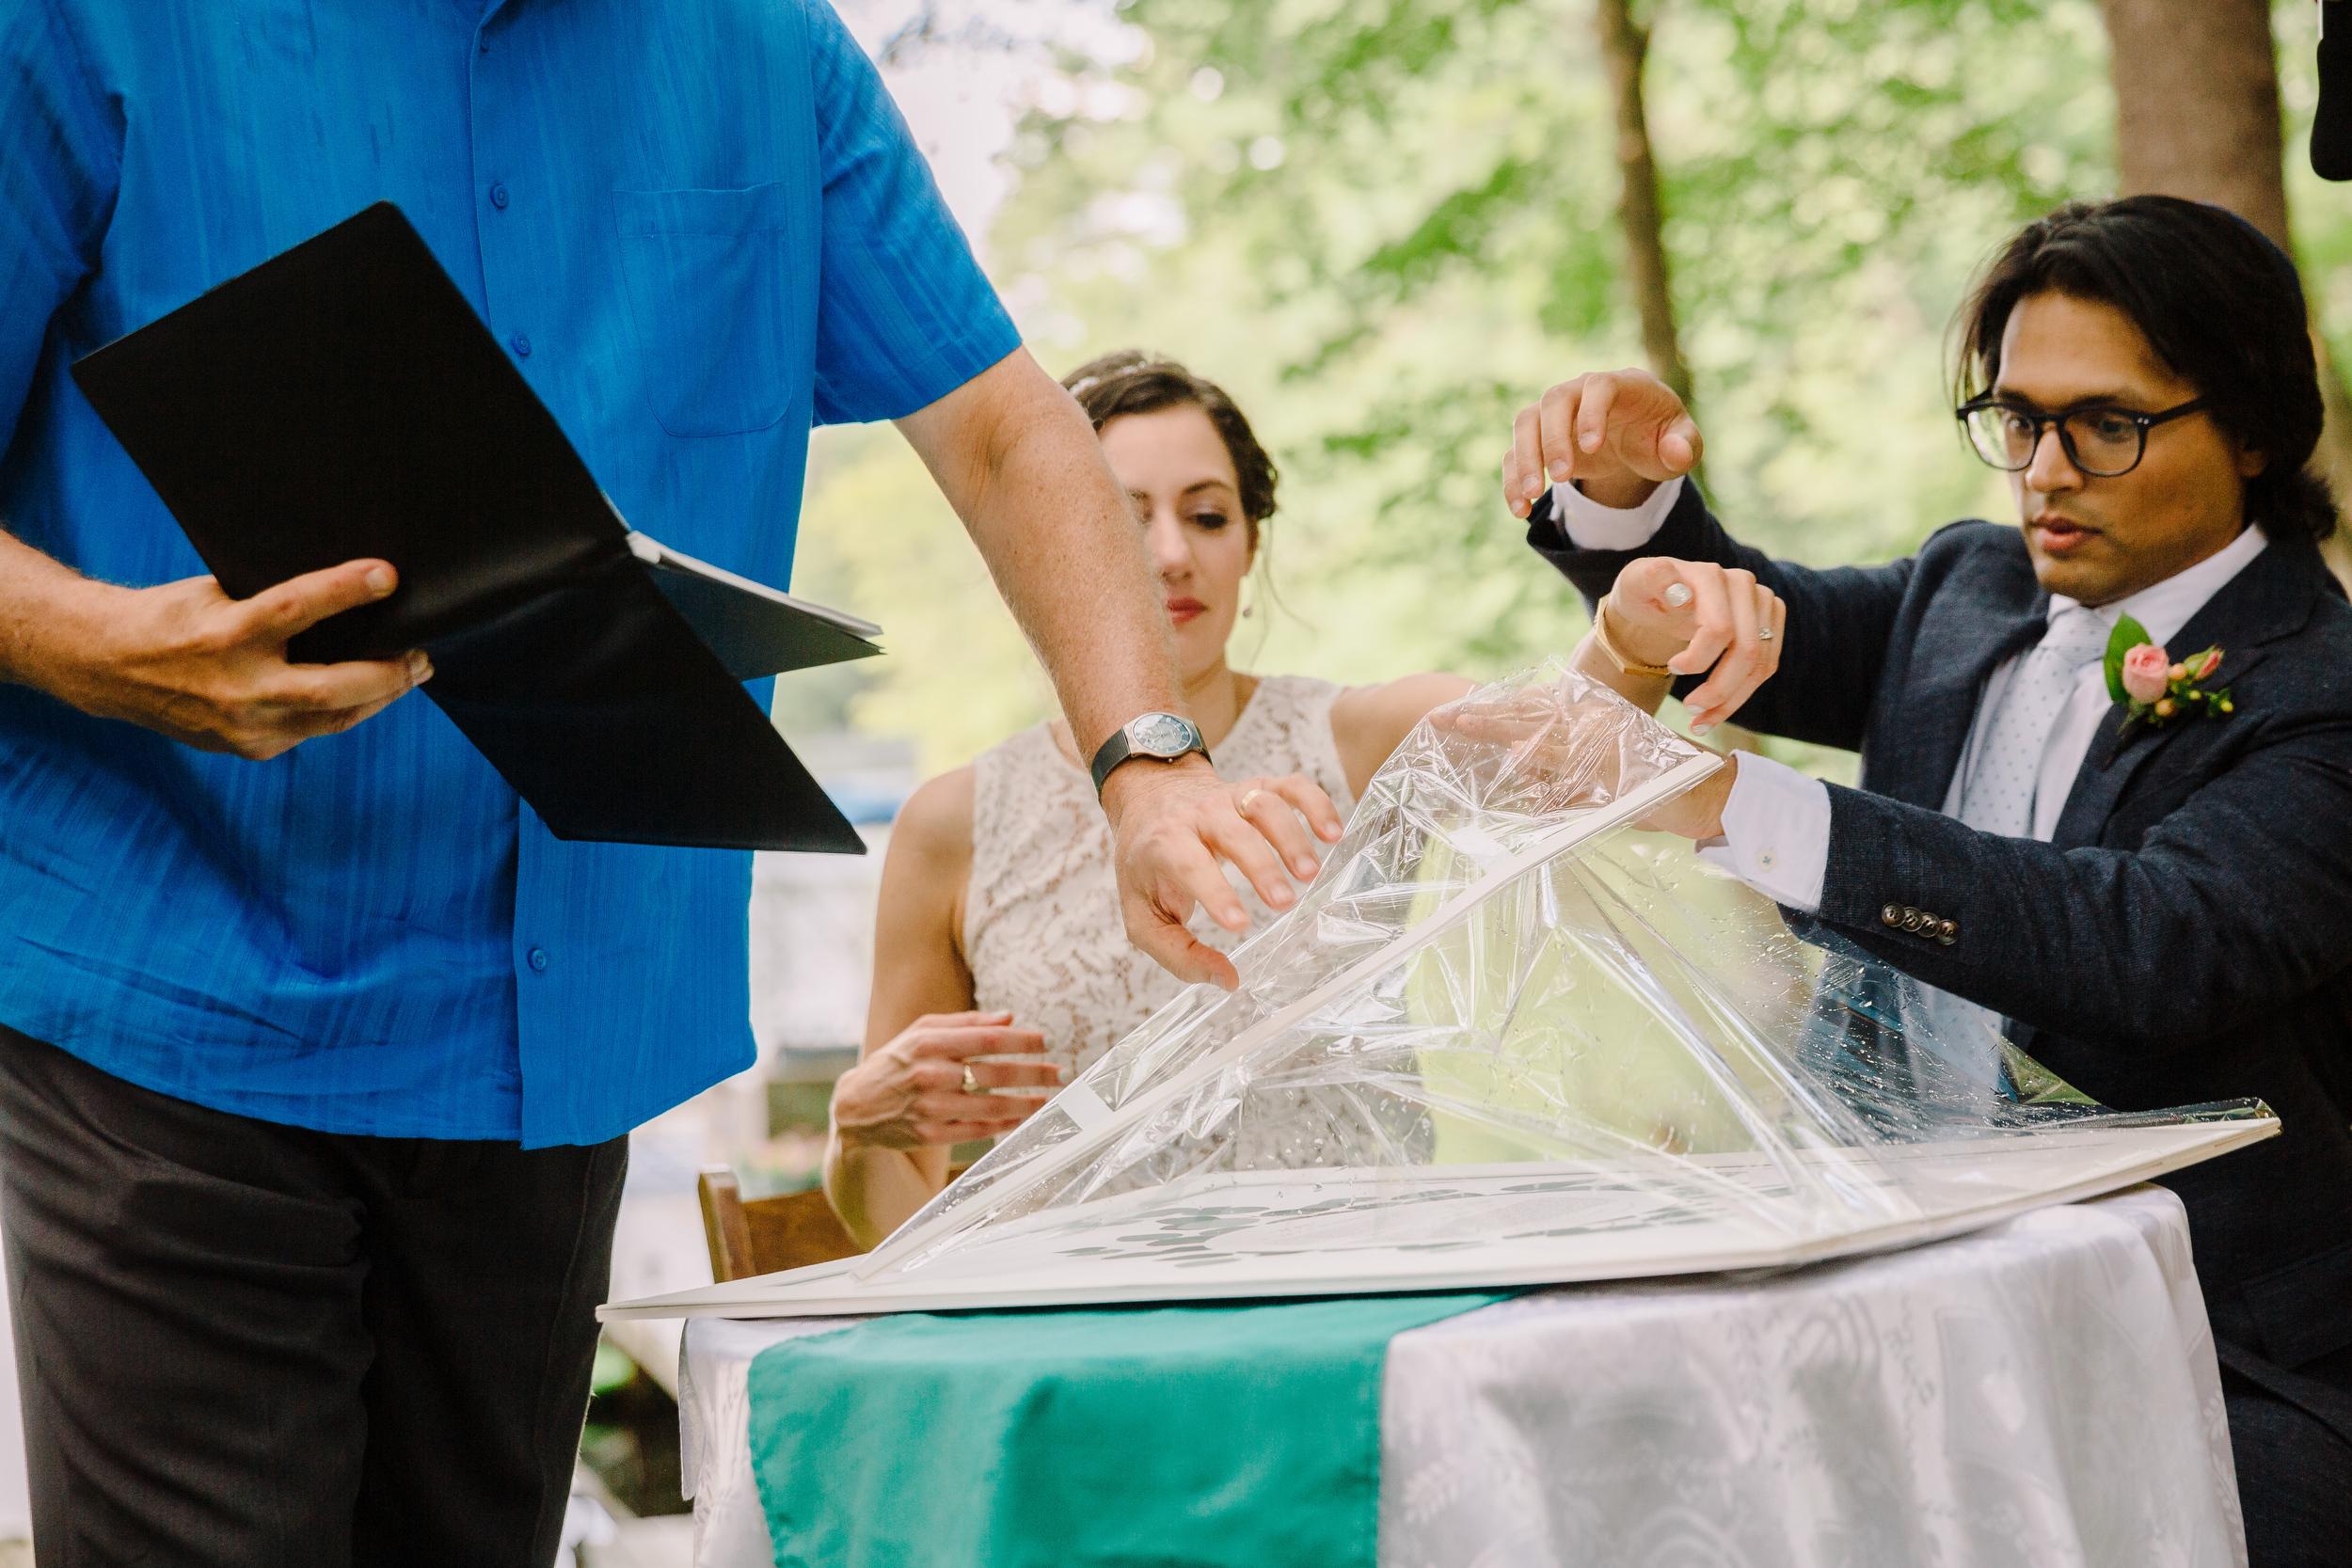 capecod_backyard_wedding_photos_mikhail_19.JPG